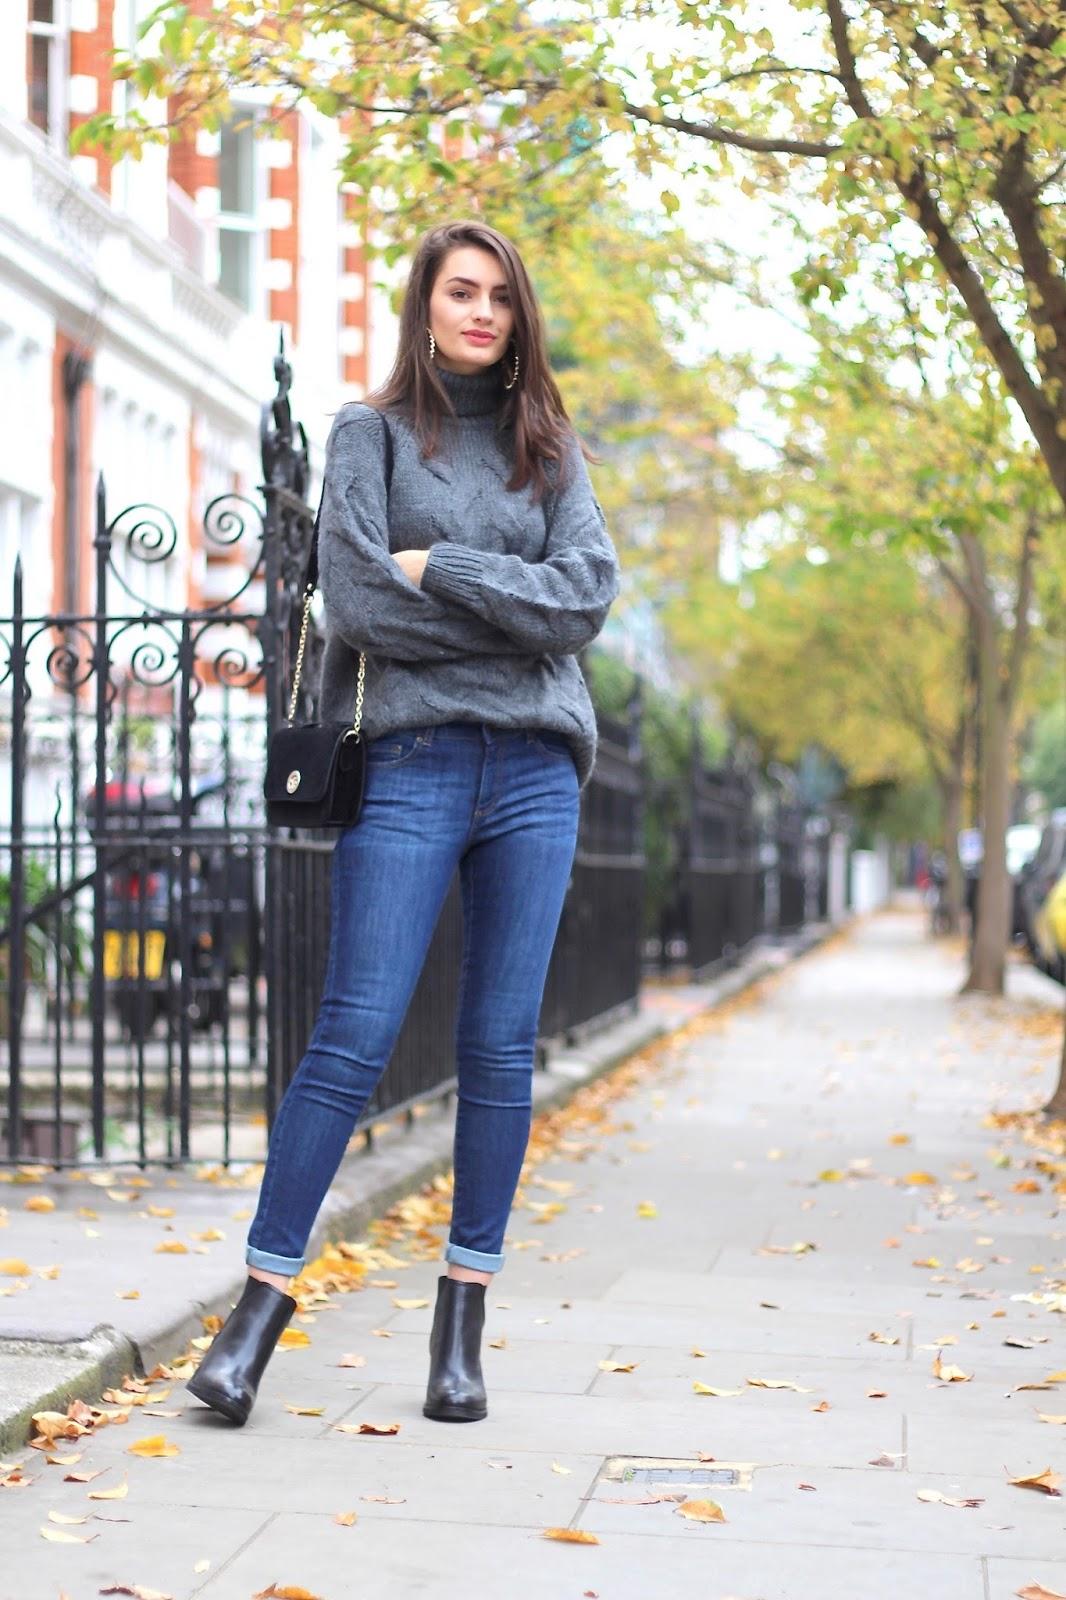 peexo autumn style